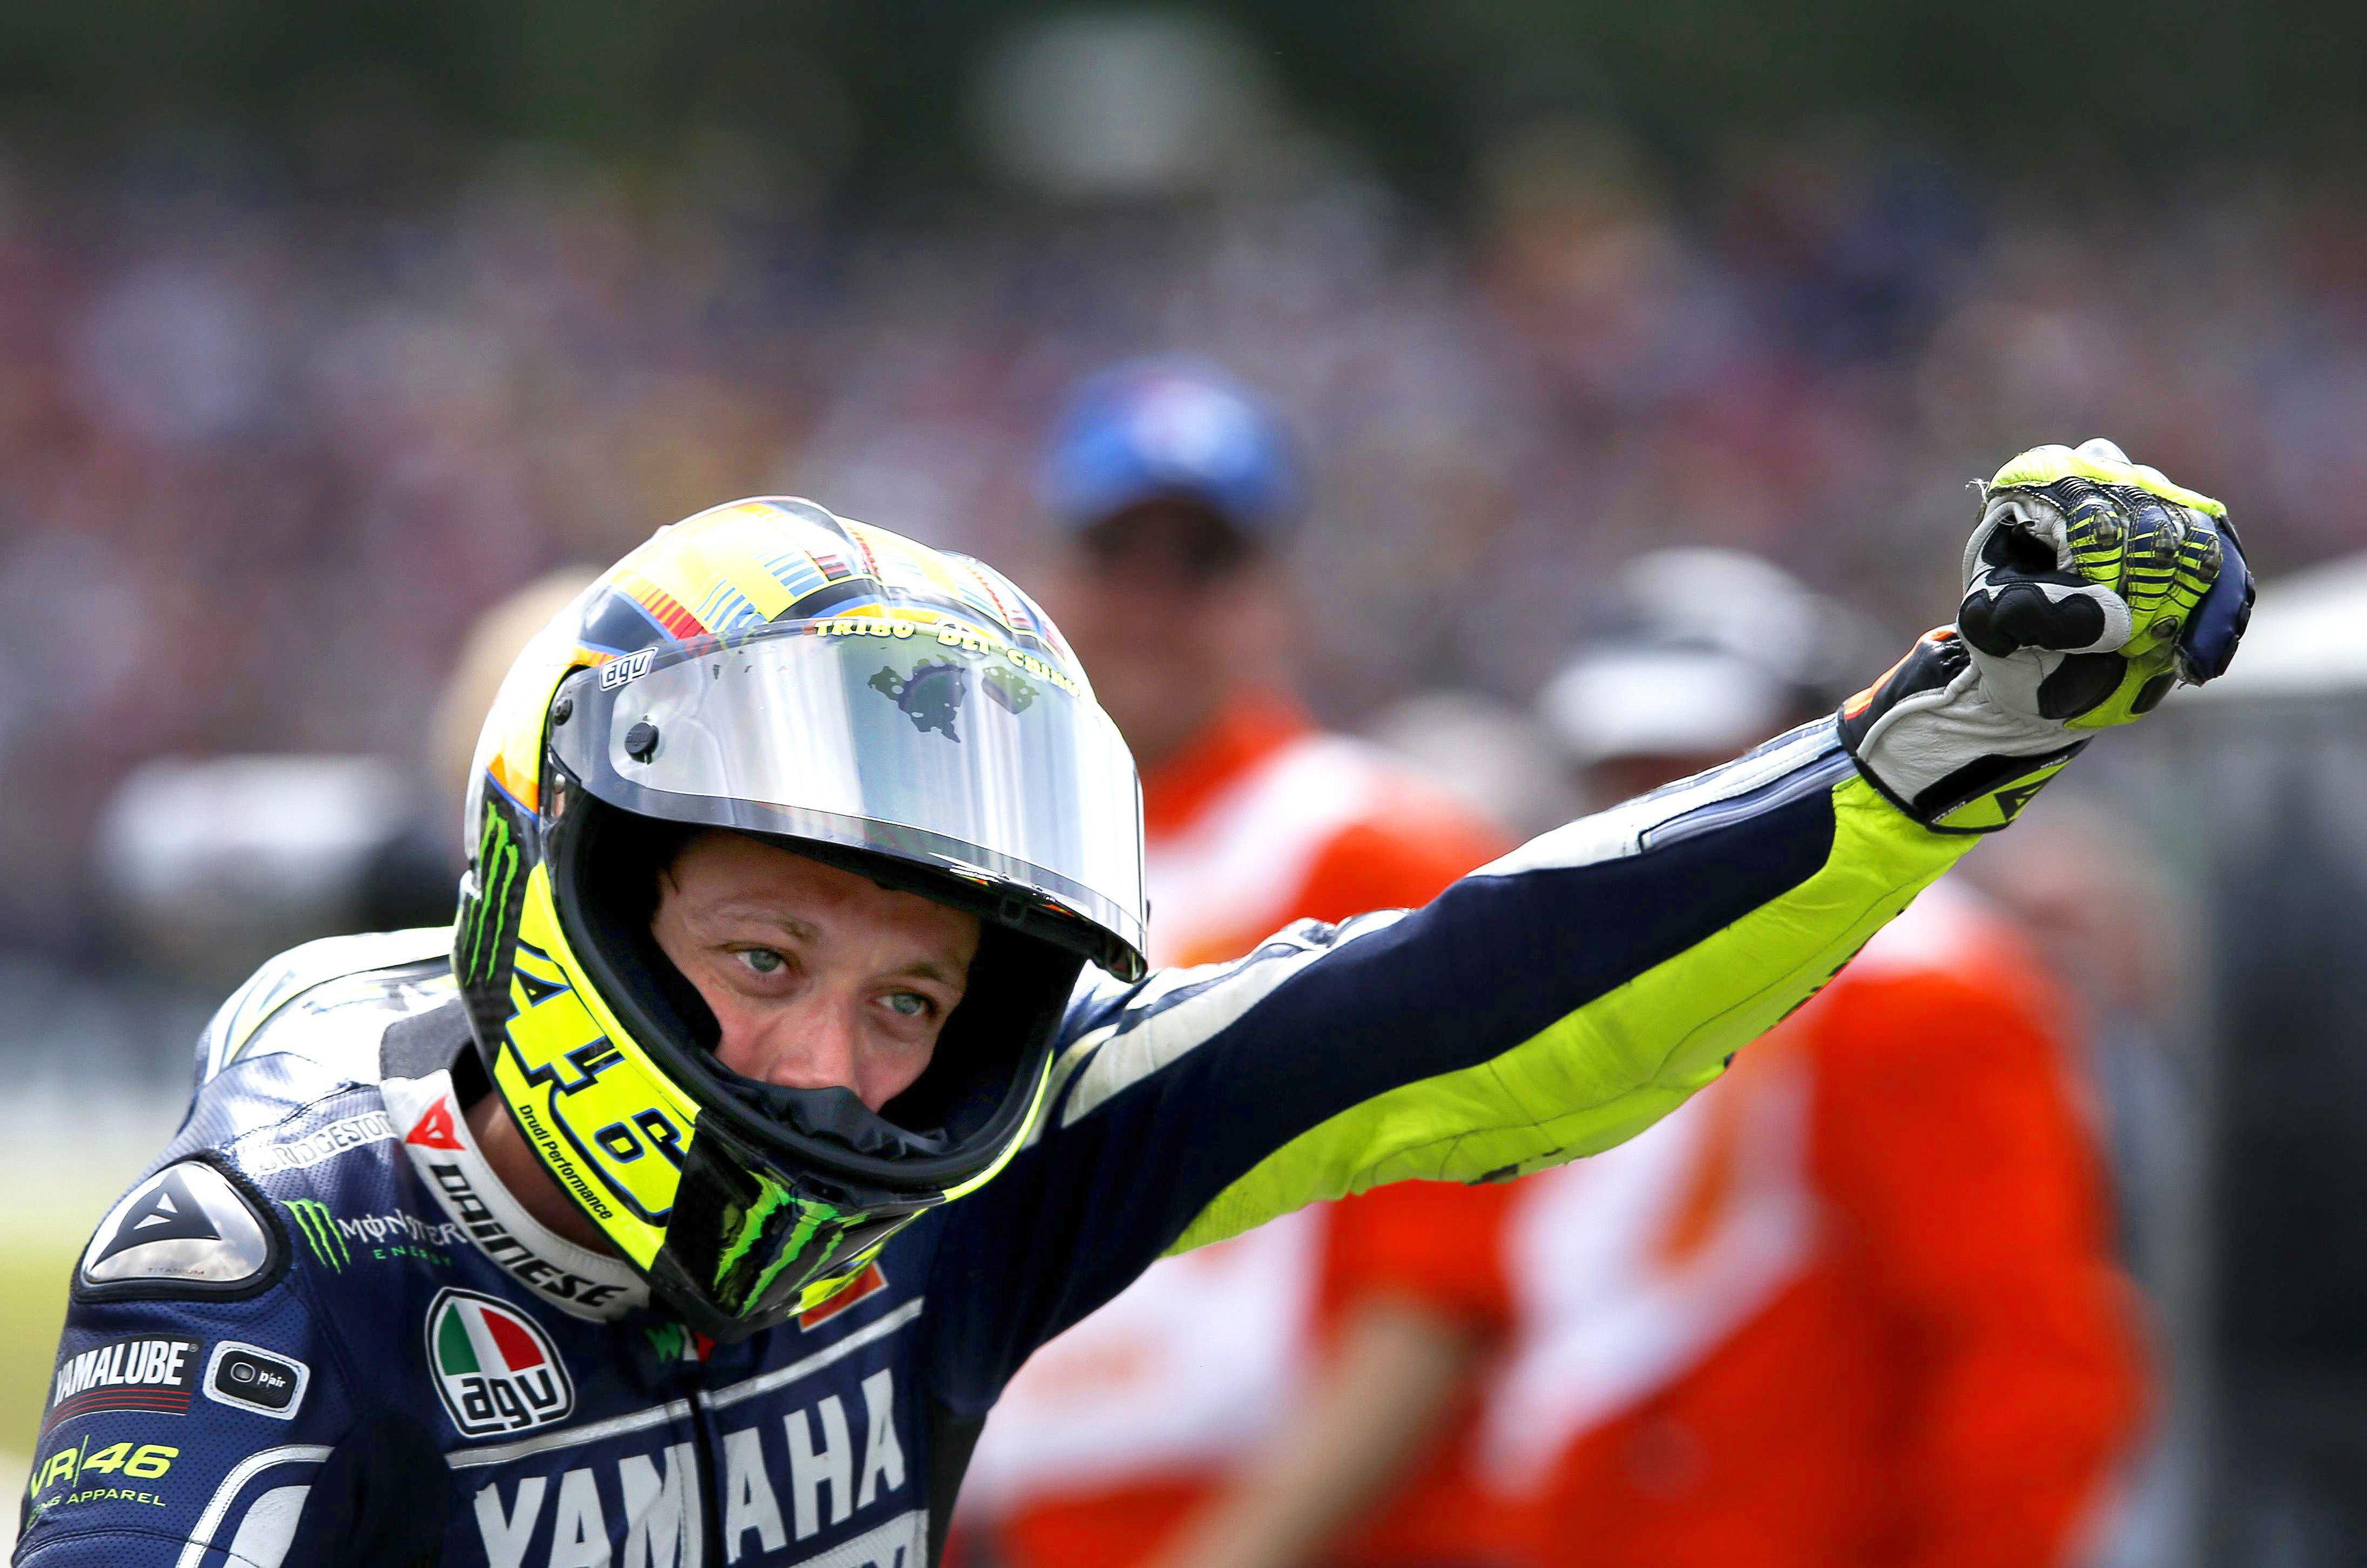 ¿Vuelve Rossi o aprovecha la debilidad de sus rivales?